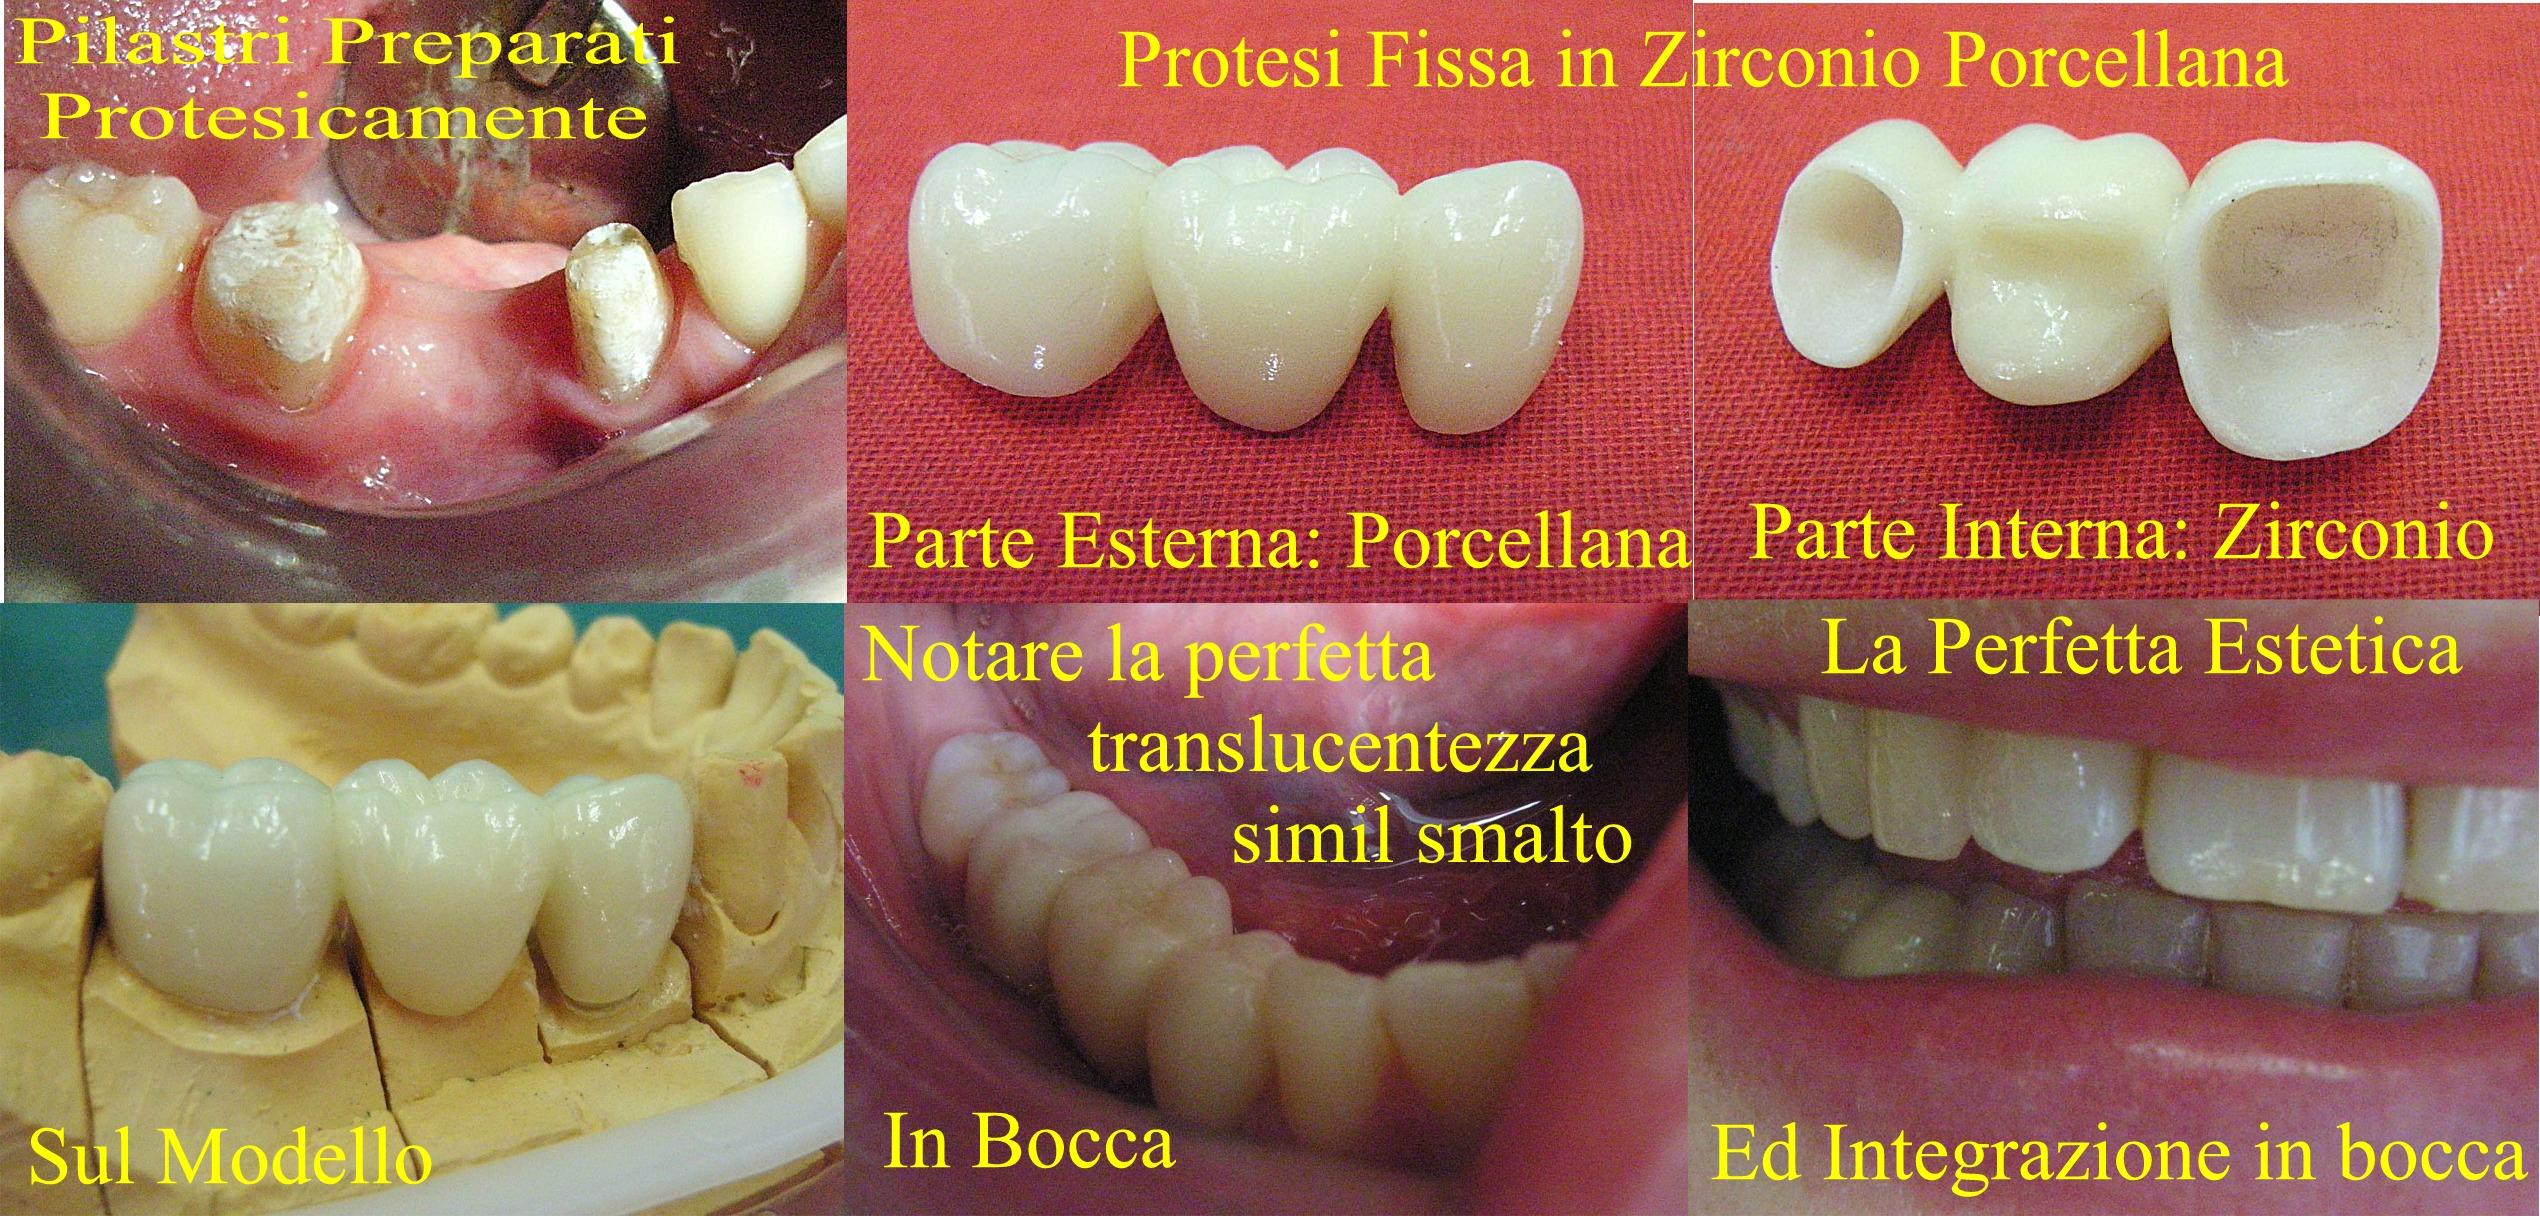 Ponte Protesico in Zirconio Porcellana,con elemento di ponte tra due pilastri, come deve essere . Da casistica della Dr.ssa Claudia Petti Ortodontista Protesista di Cagliari